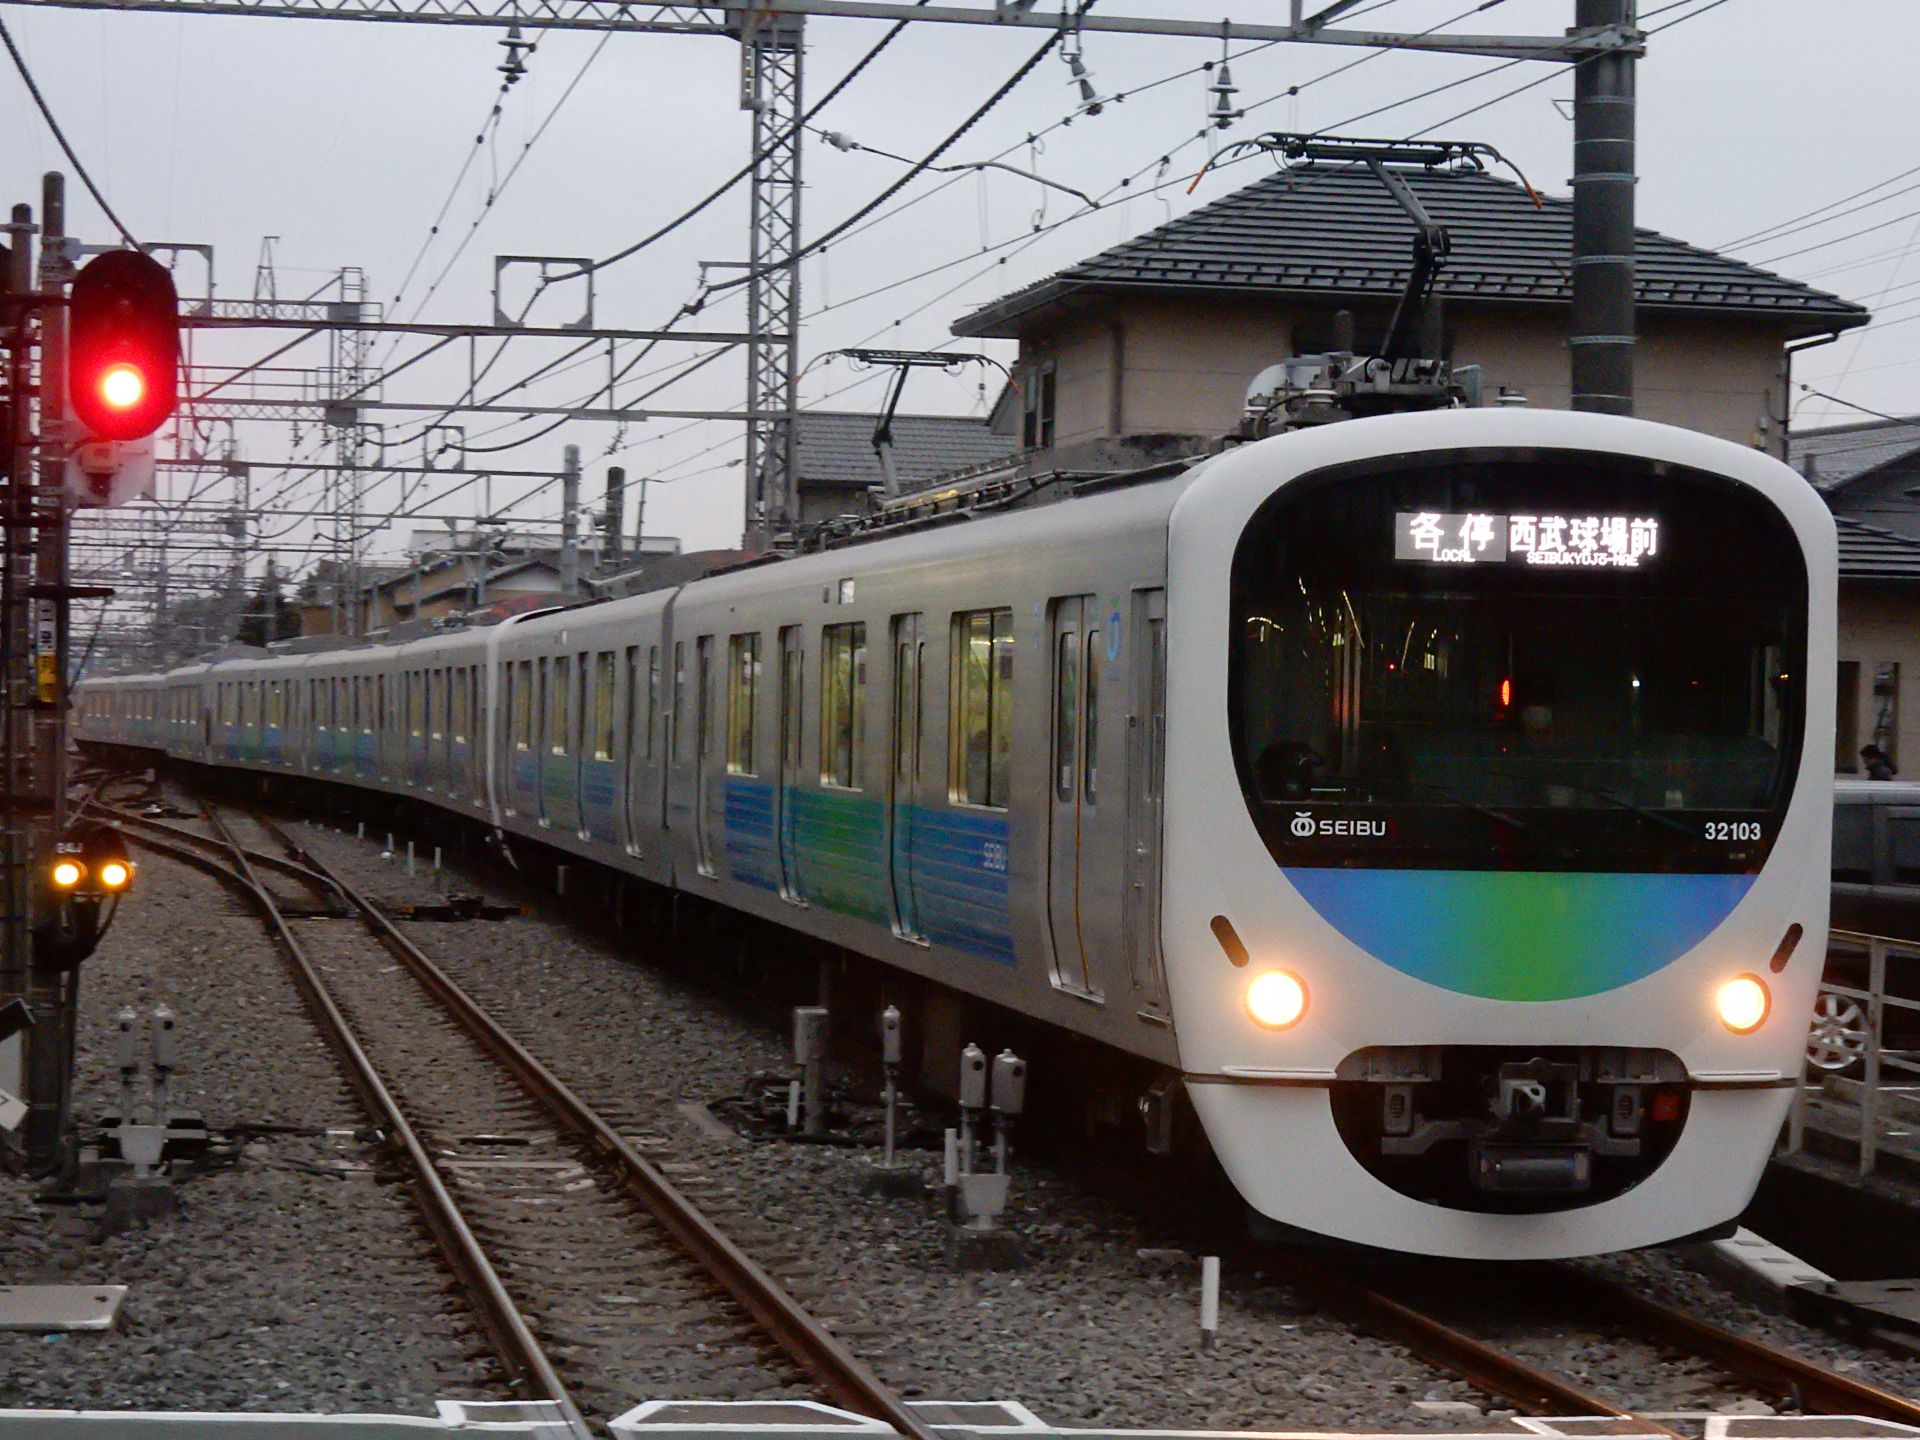 DSCN6739 - コピー